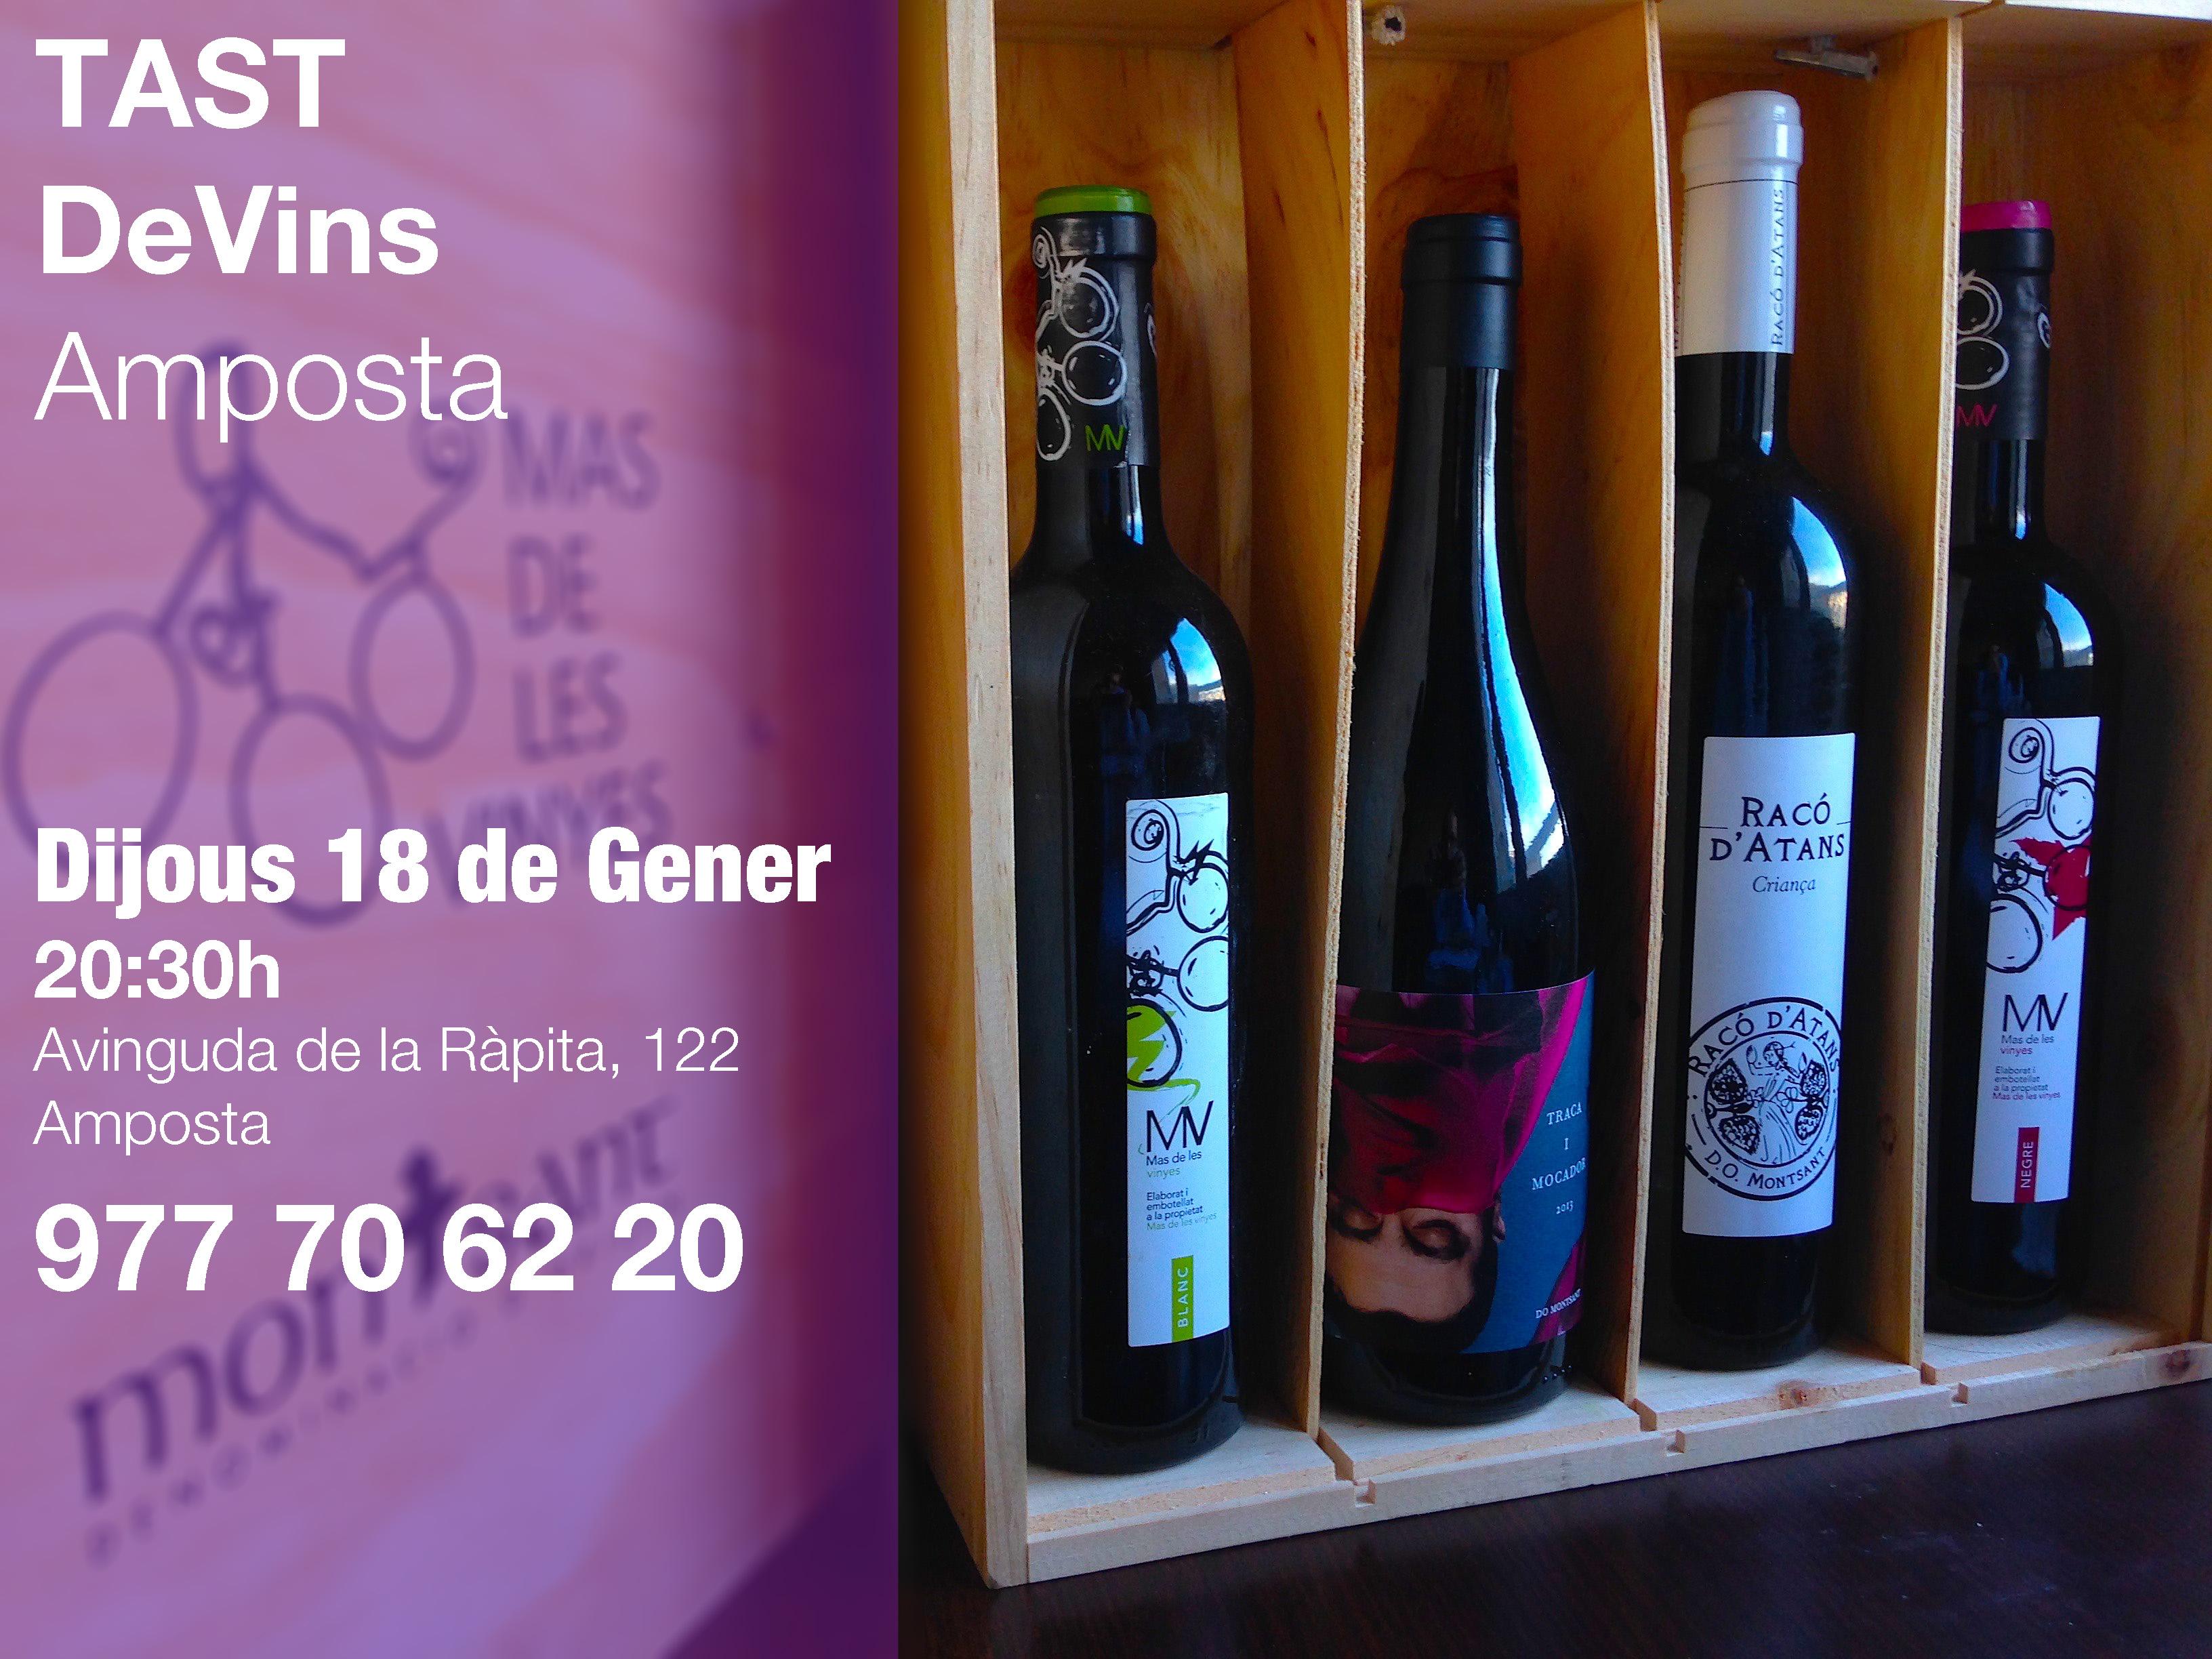 Tast de vins a Tarragona